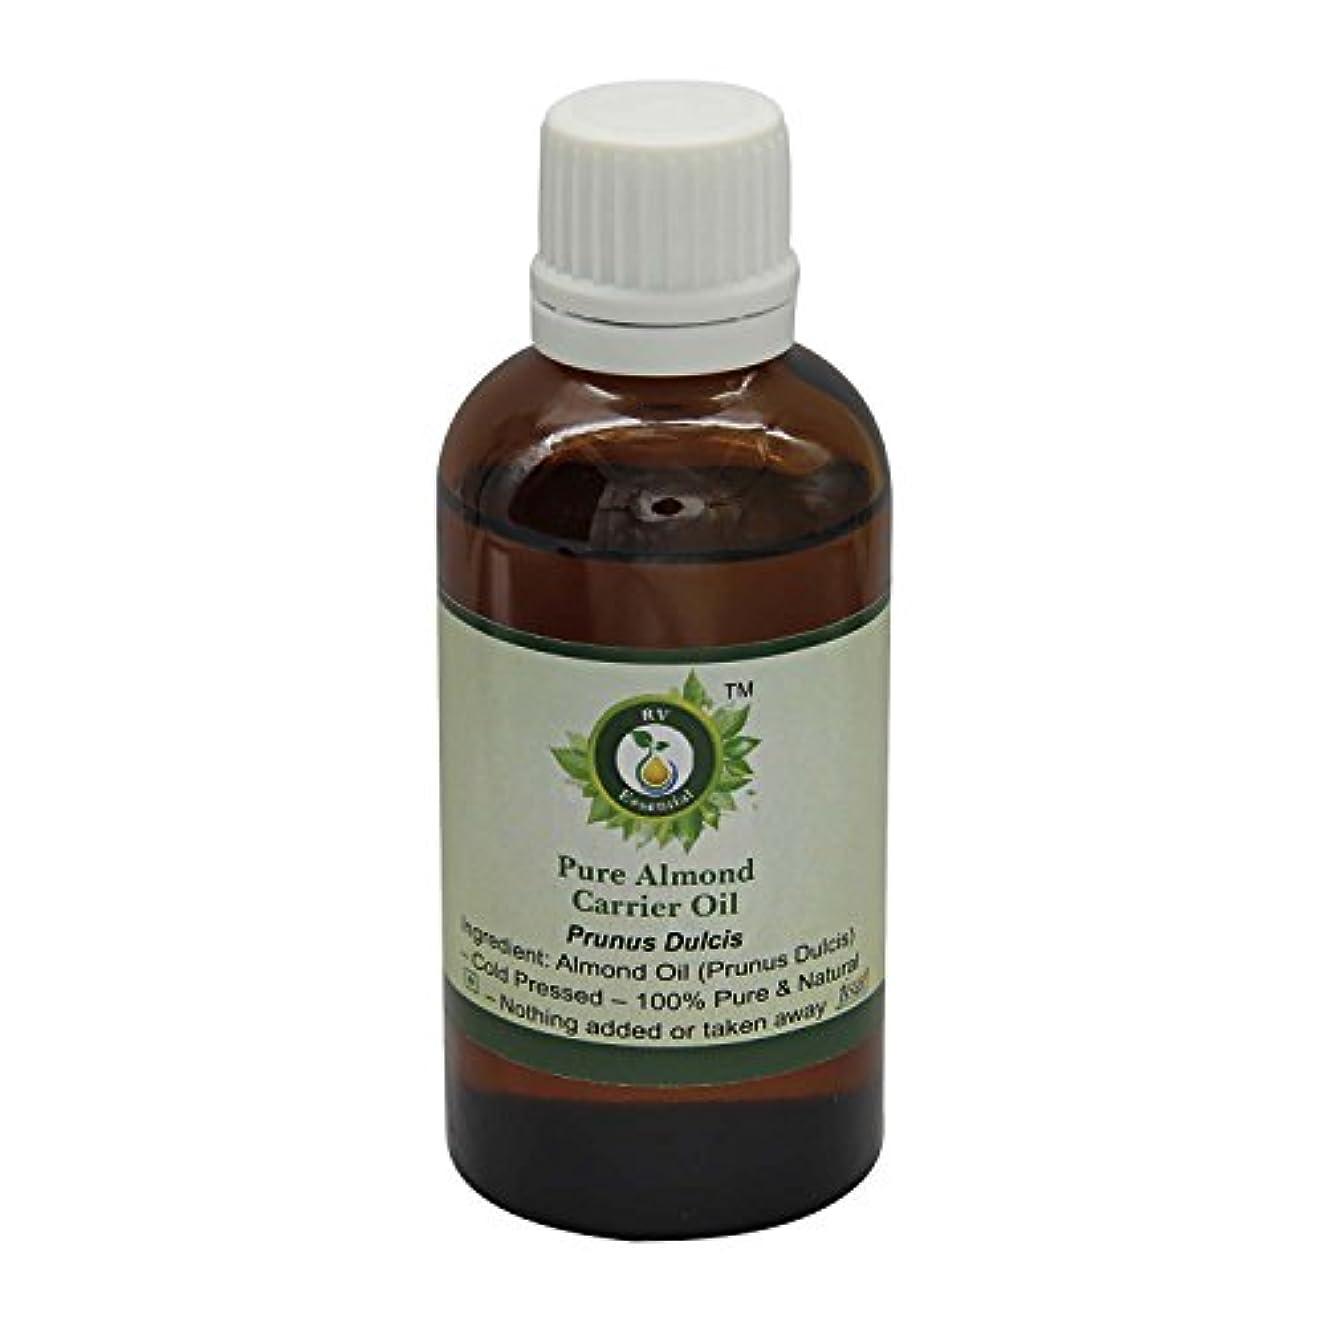 劣るシダ抽選R V Essential 純粋なアーモンドキャリアオイル50ml (1.69oz)- Prunus Dulcis (100%ピュア&ナチュラルコールドPressed) Pure Almond Carrier Oil